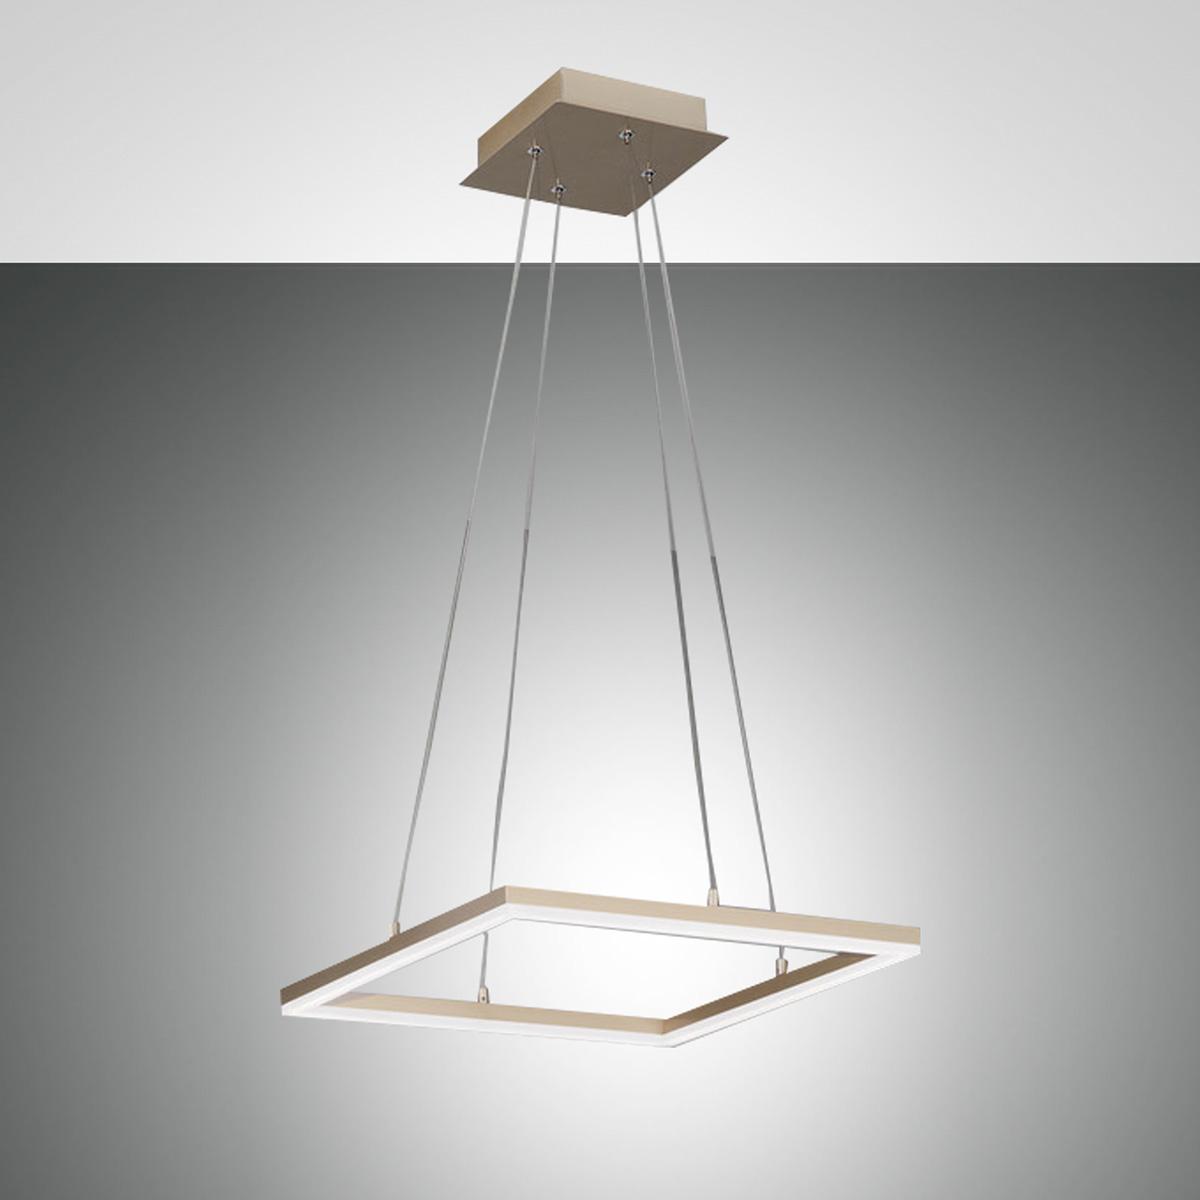 Fabas Luce Bard LED Pendelleuchte, quadratisch 3394-40-225